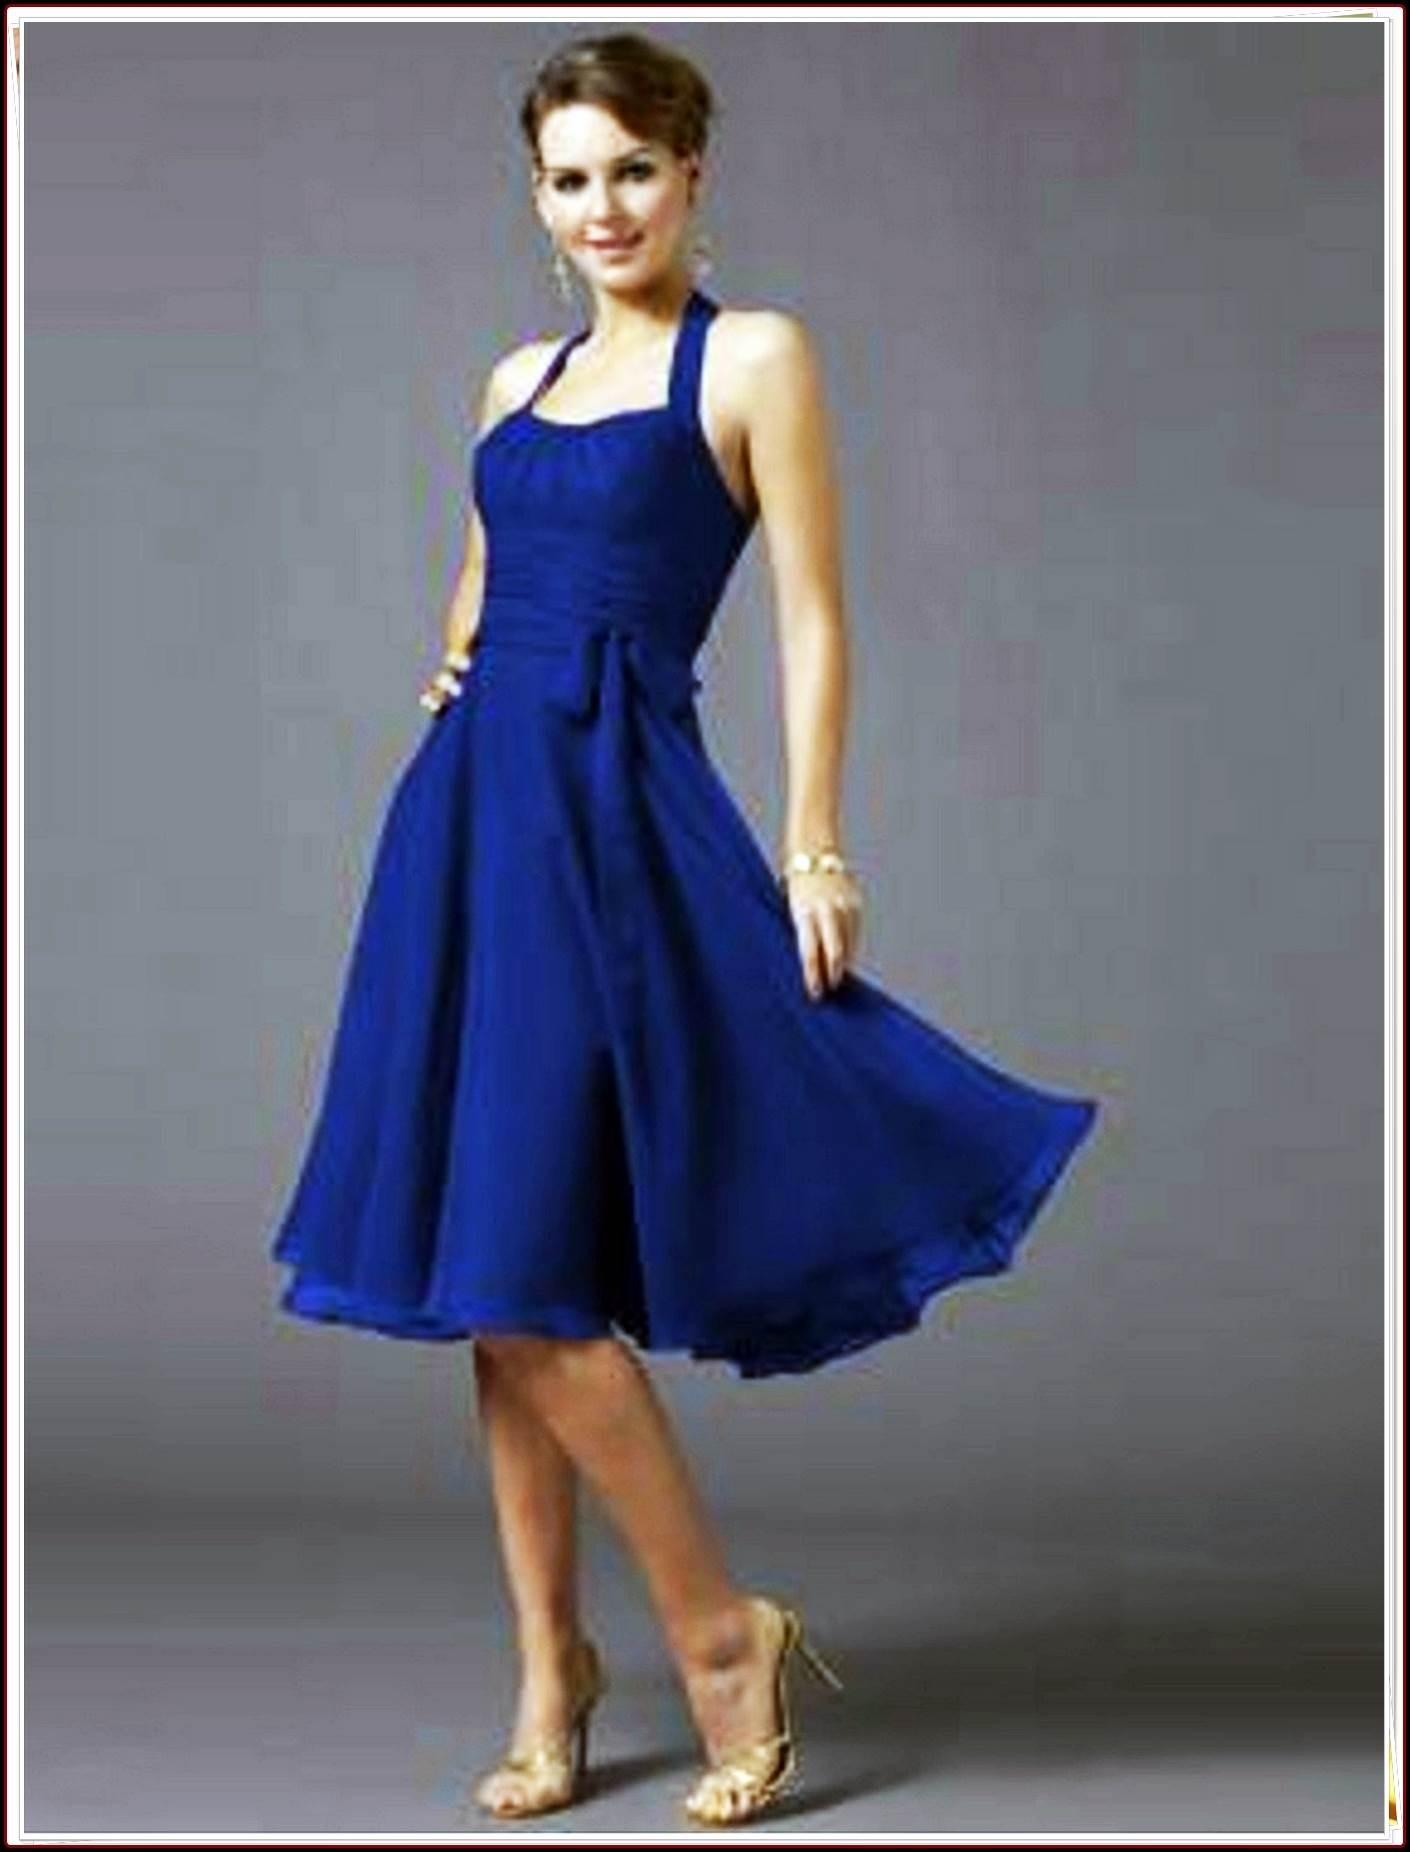 Abend Luxurius Blaues Kleid Hochzeit StylishDesigner Luxus Blaues Kleid Hochzeit Galerie